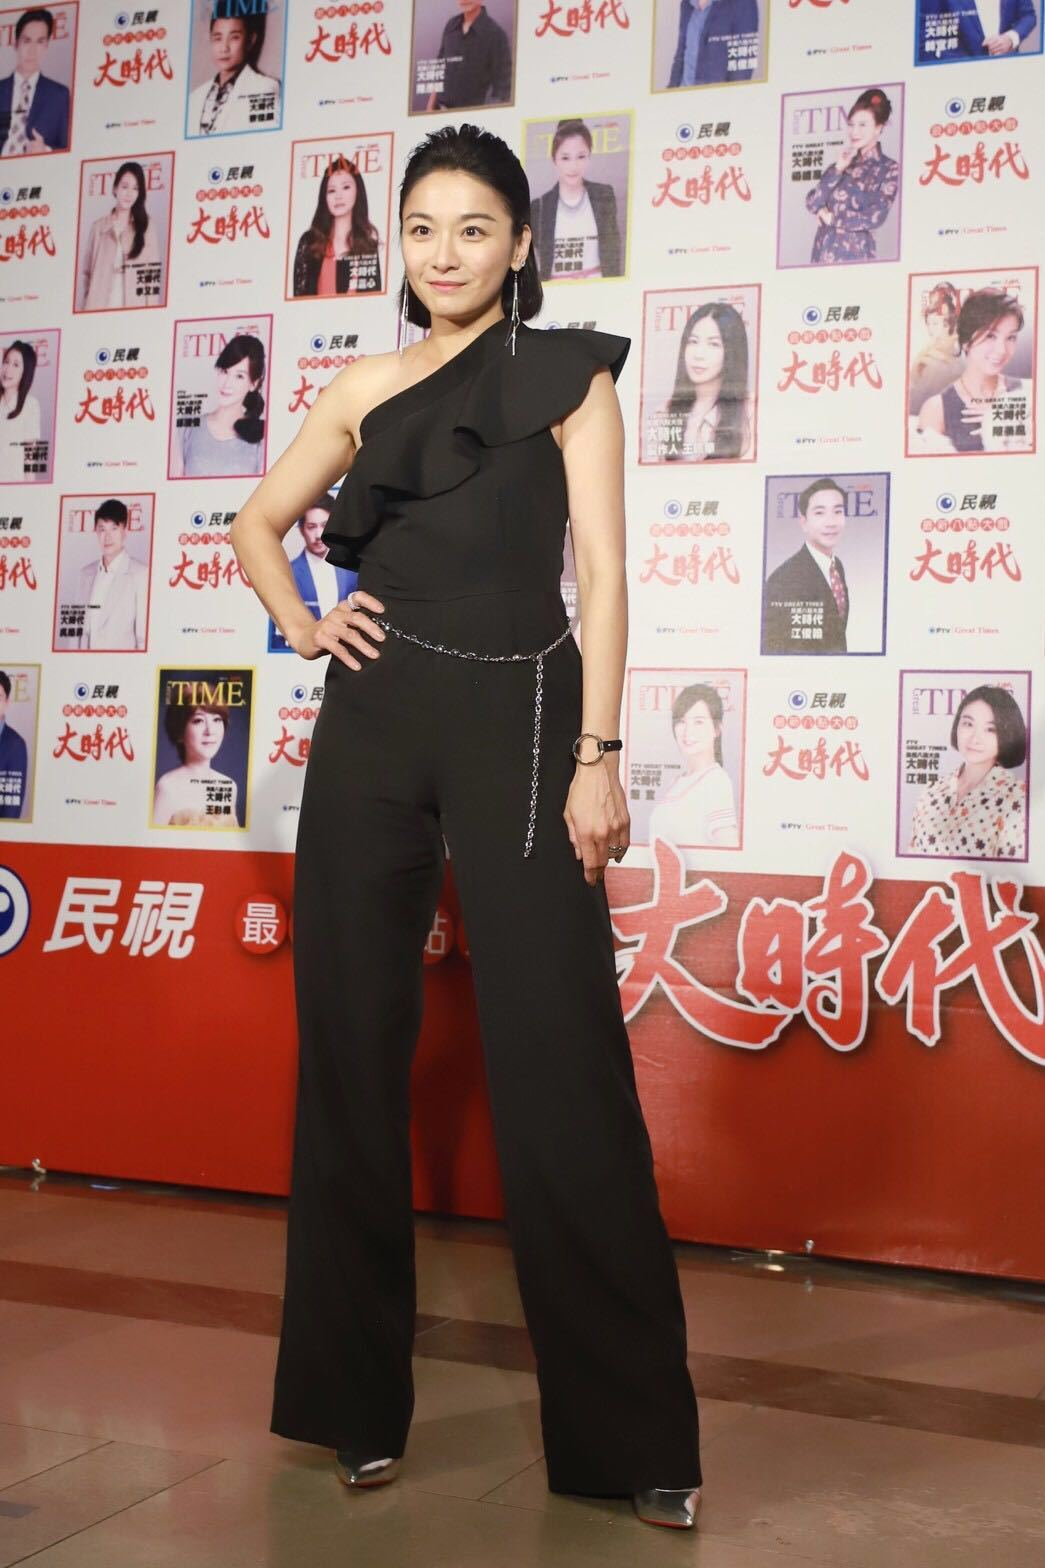 江祖平想穿回高跟鞋。圖/艾迪昇提供